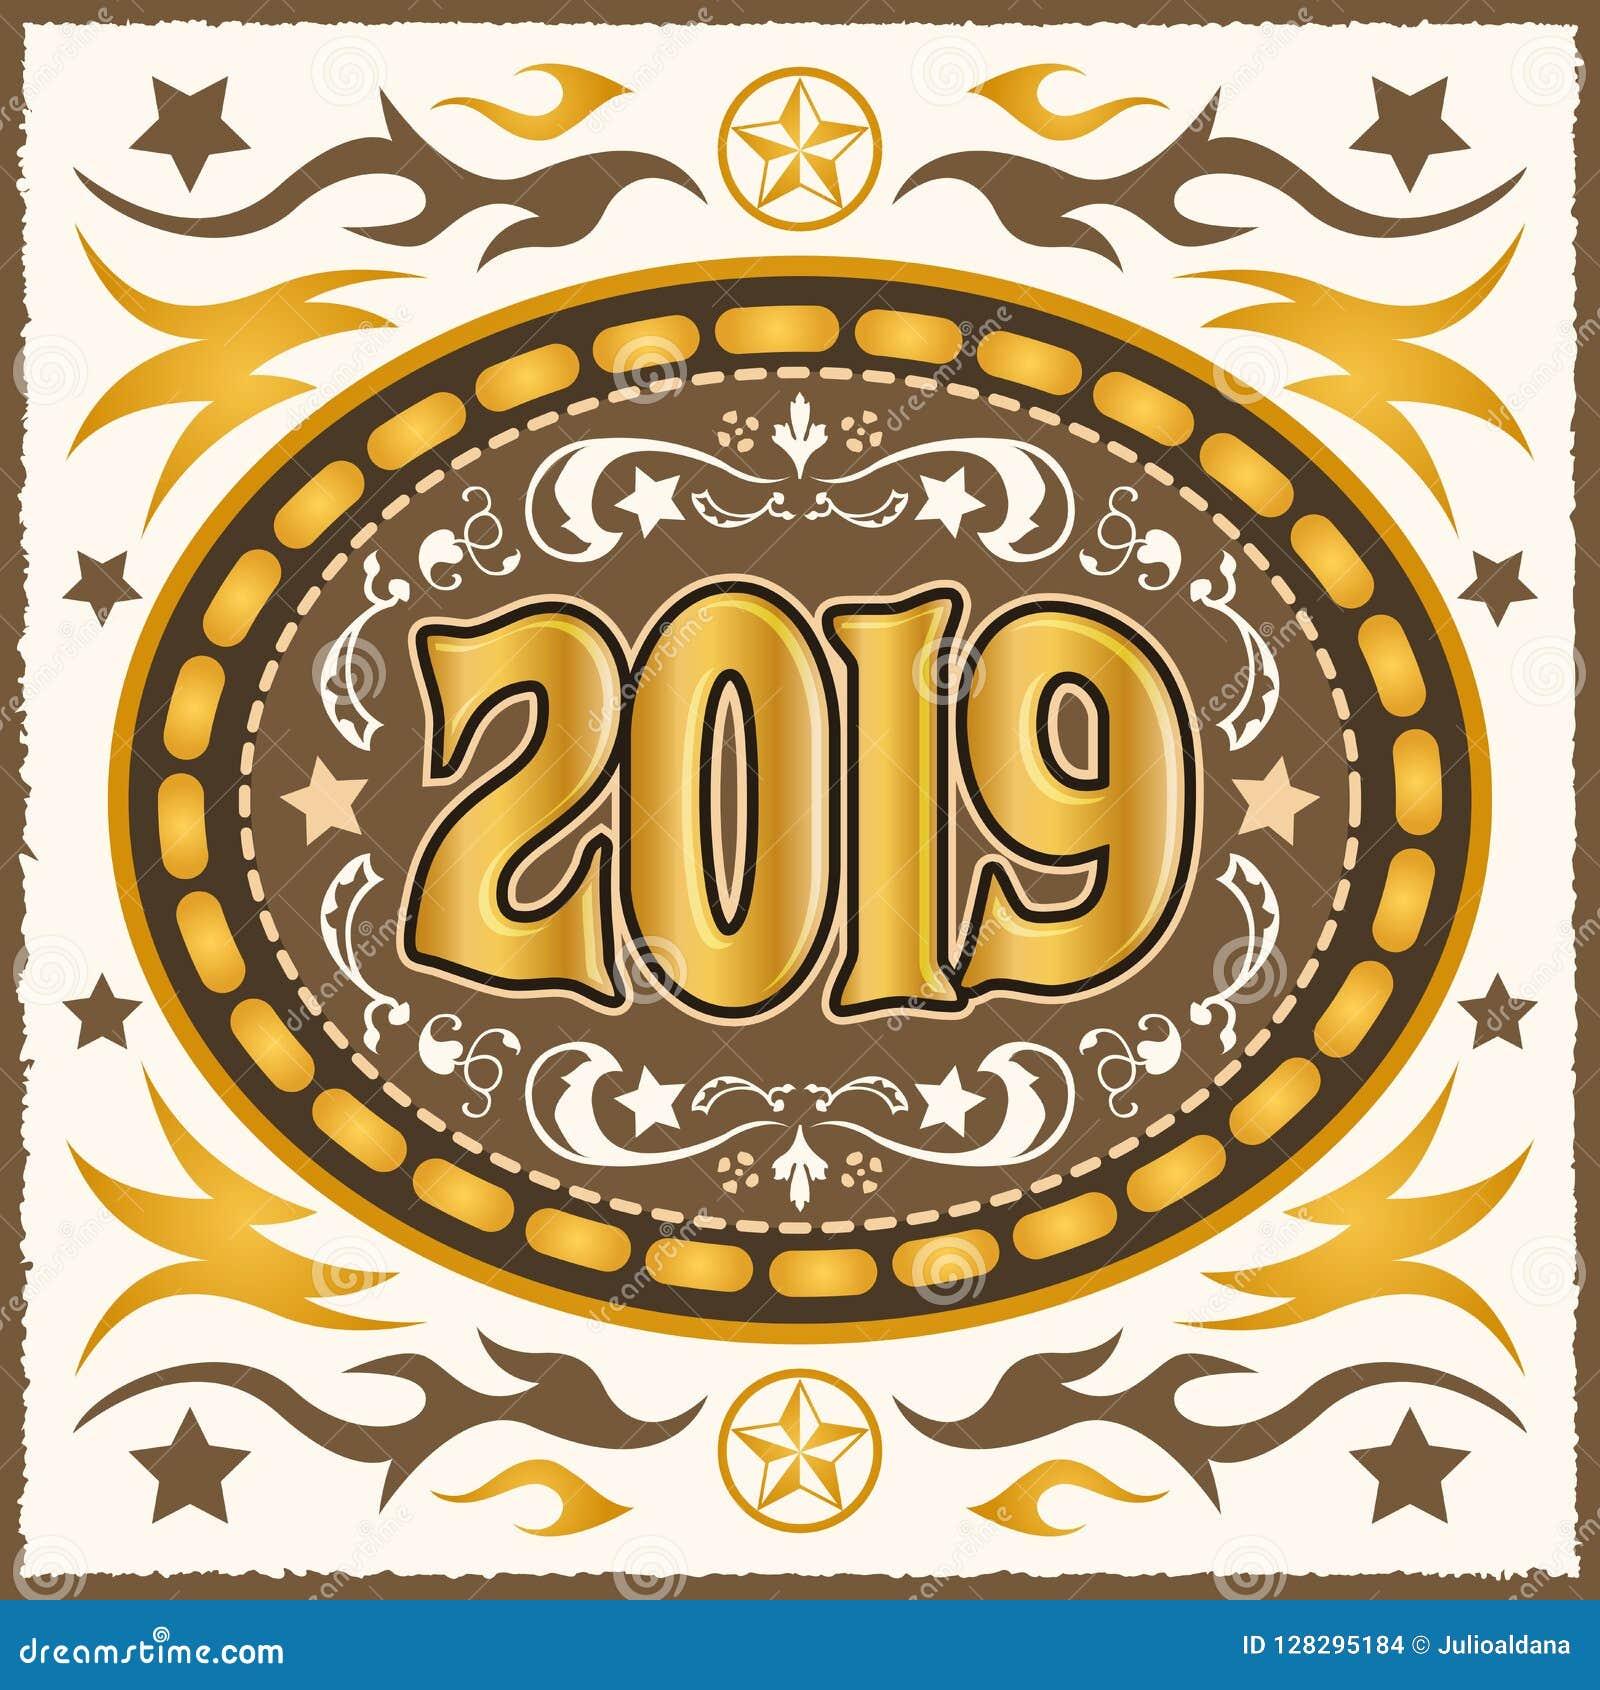 Ilustração ocidental do vetor da fivela de cinto do vaqueiro 2019